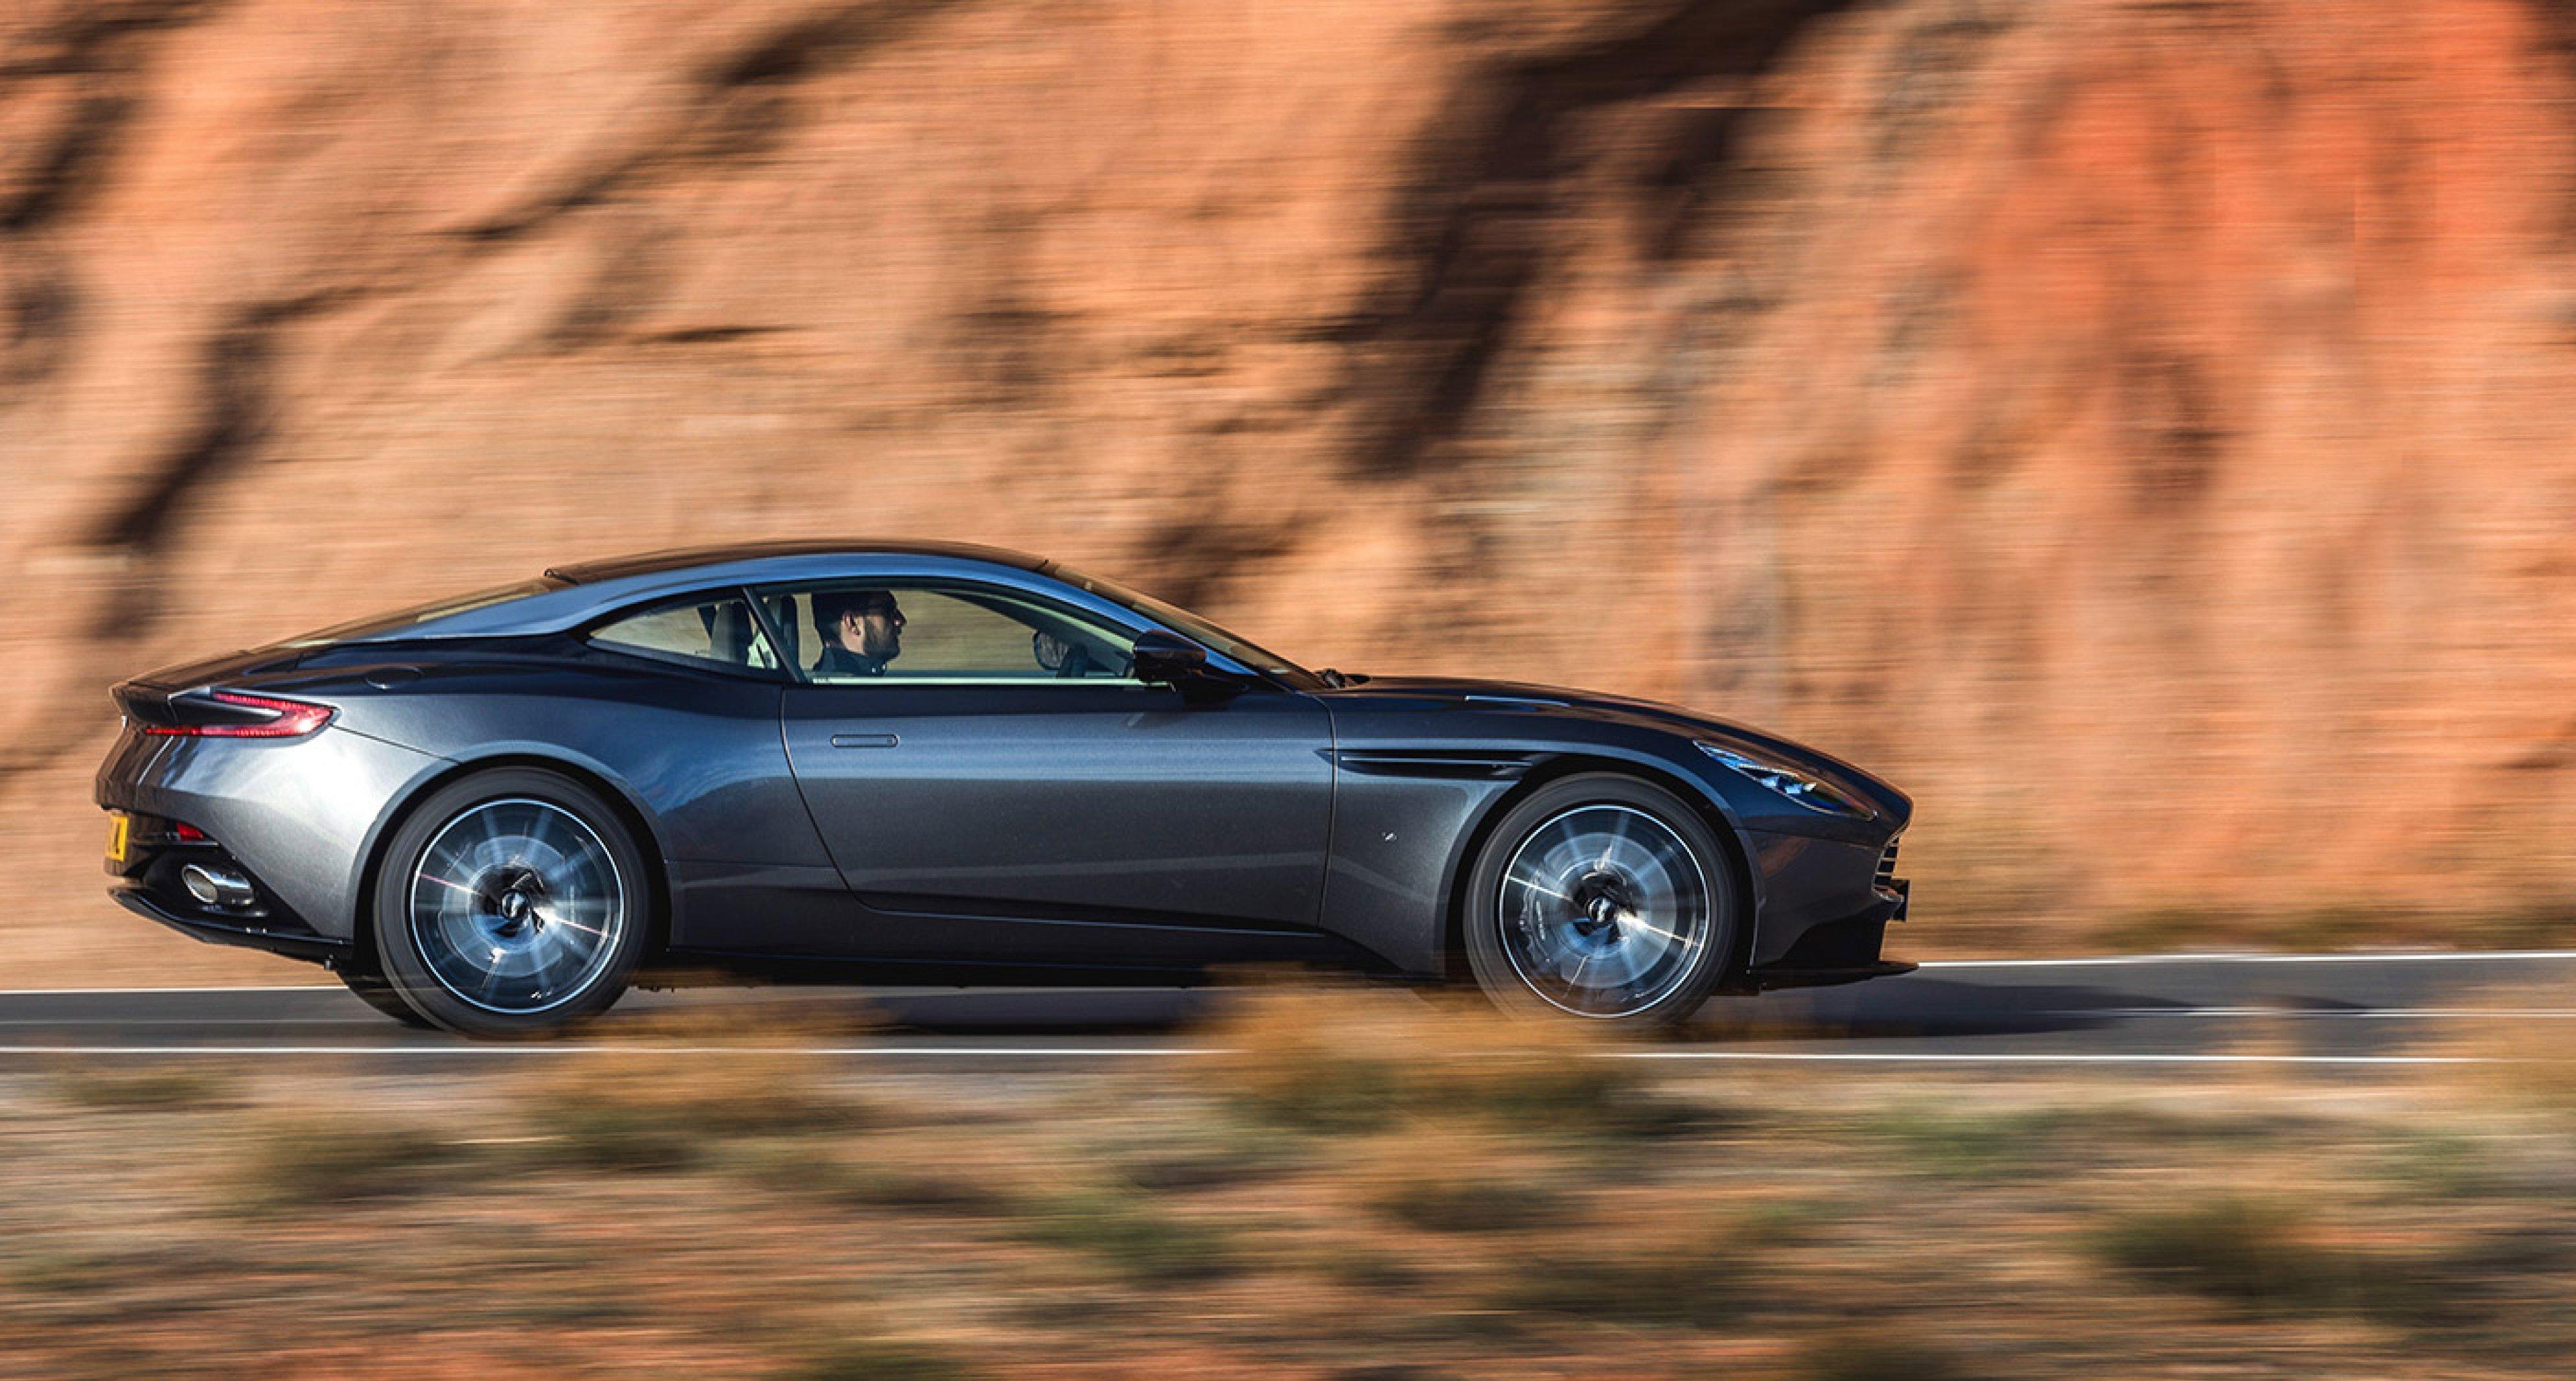 Der Neue Aston Martin Db11 Entscheidet über Die Zukunt Der Marke Classic Driver Magazine